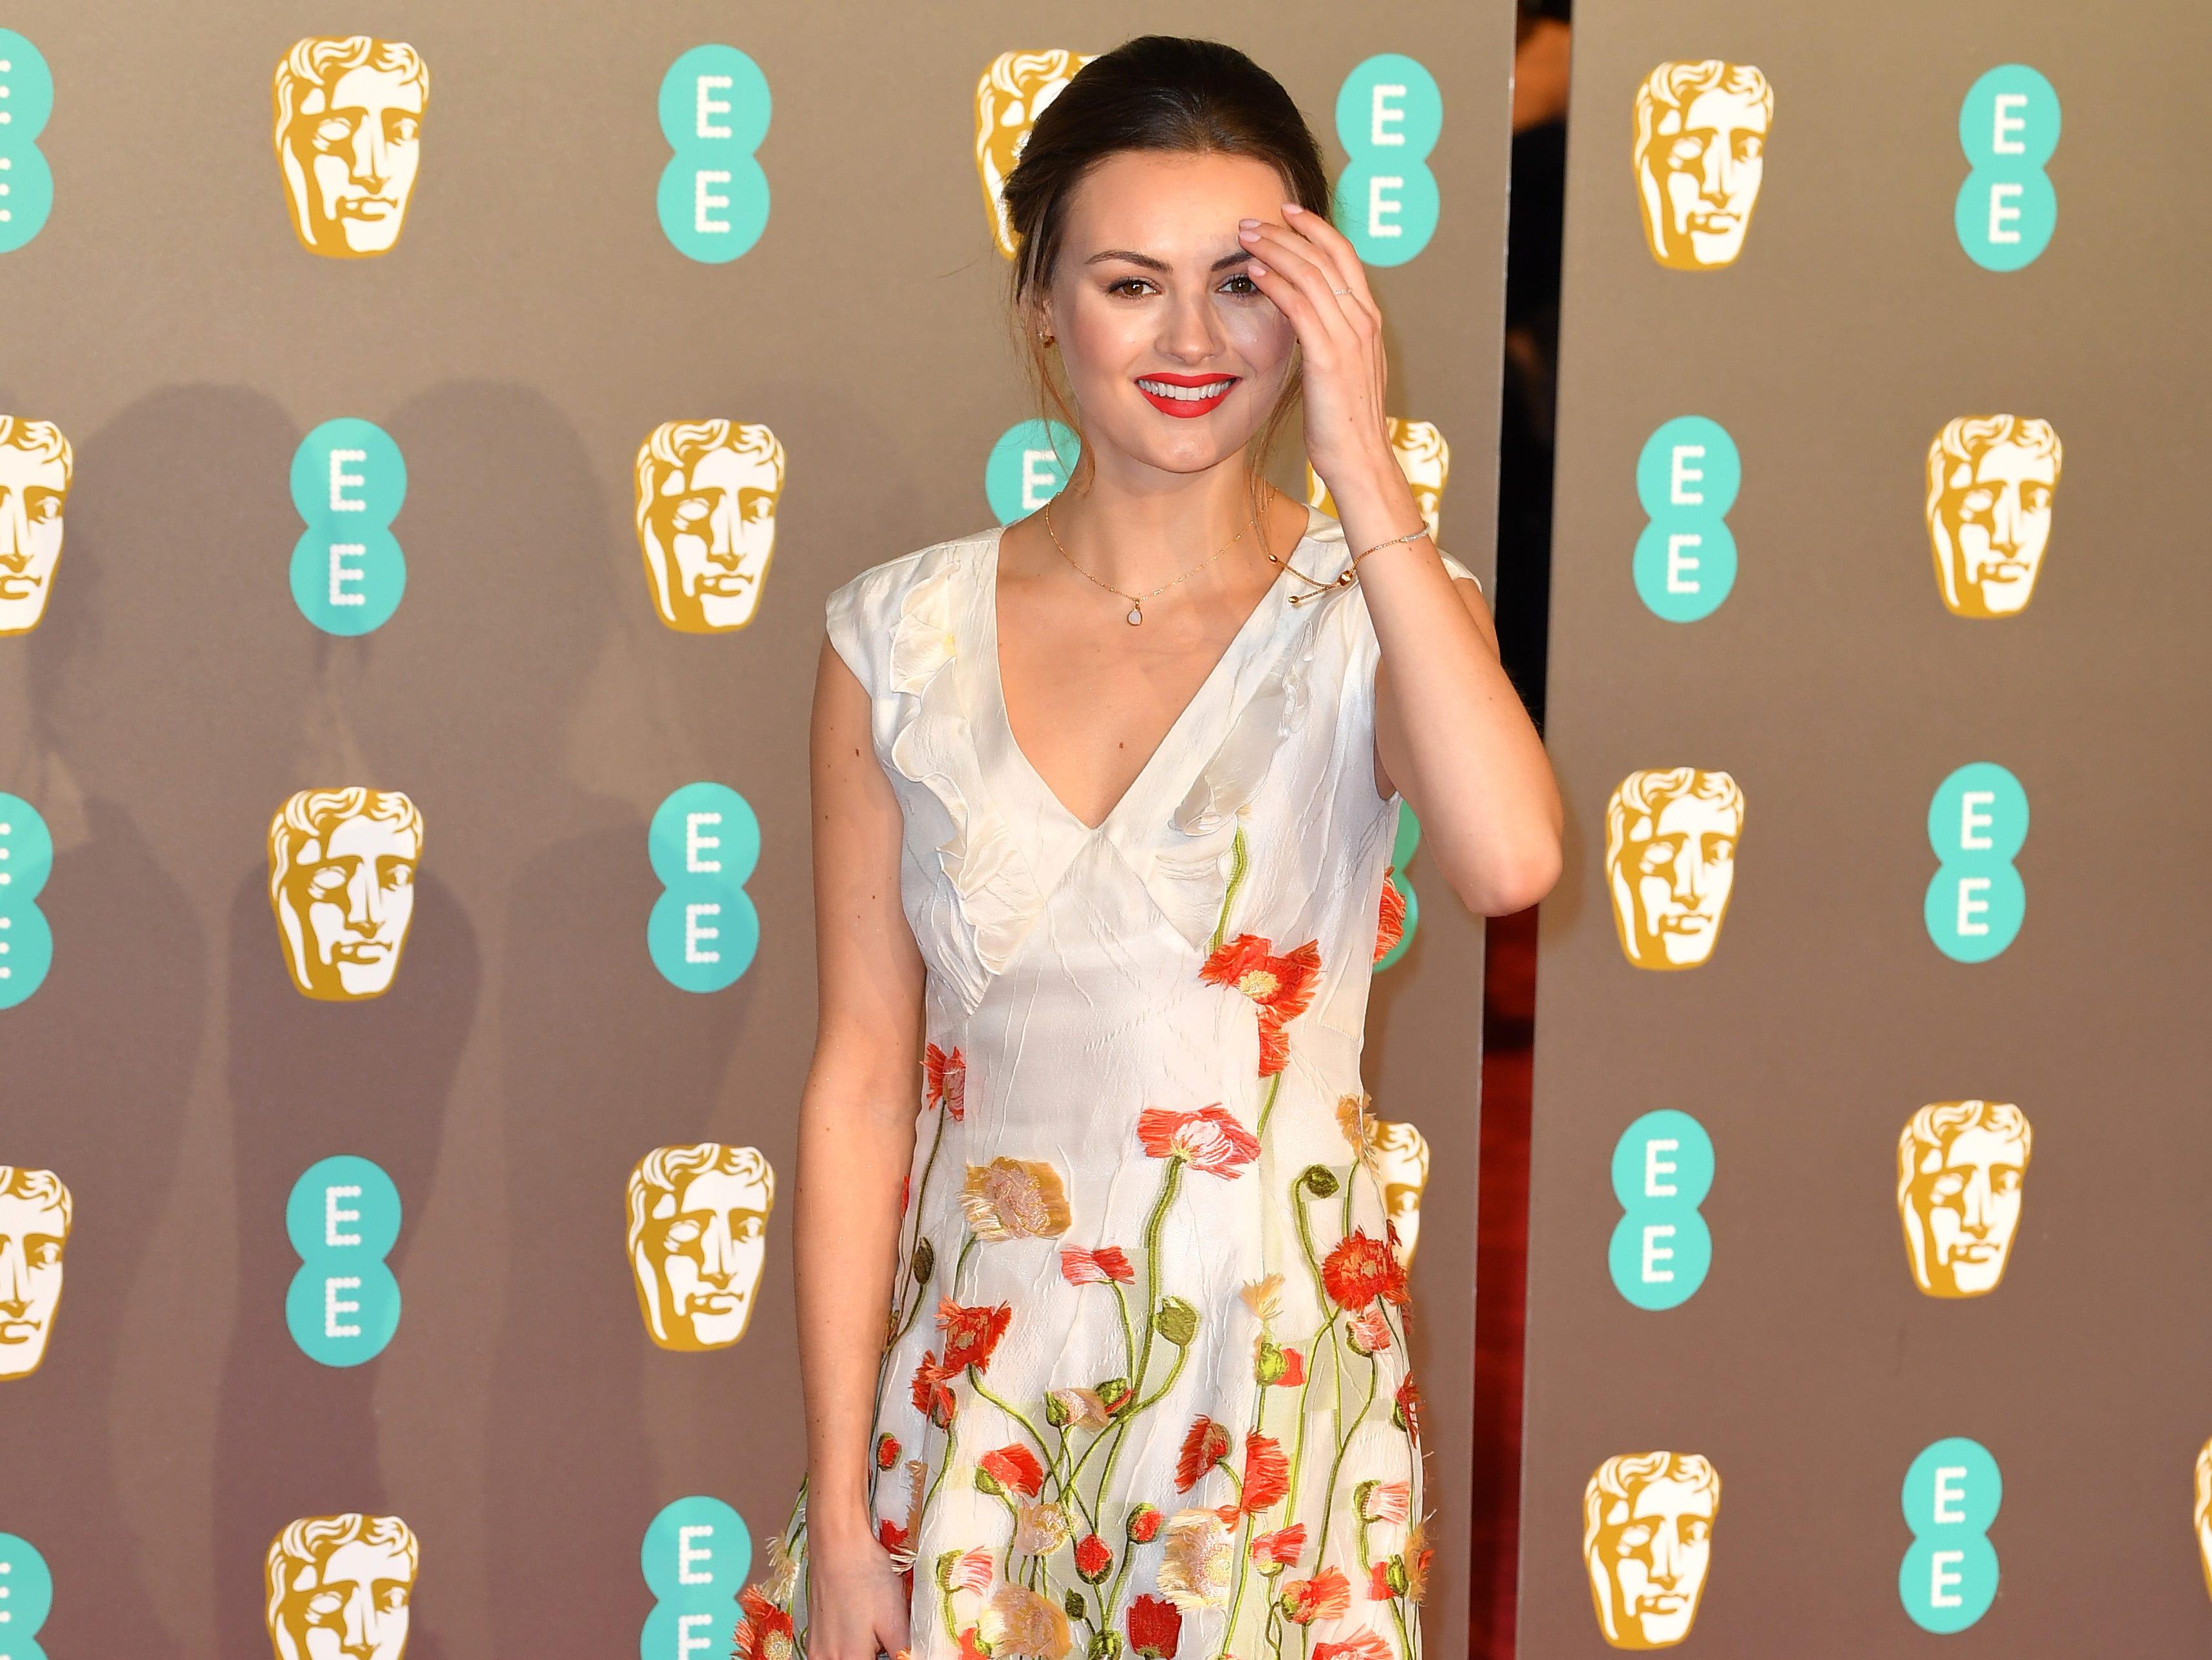 Niomi Smart a su llegada a la alfombra roja de los Premios de la Academia Británica de Cine BAFTA en el Royal Albert Hall en Londres el 10 de febrero de 2019.